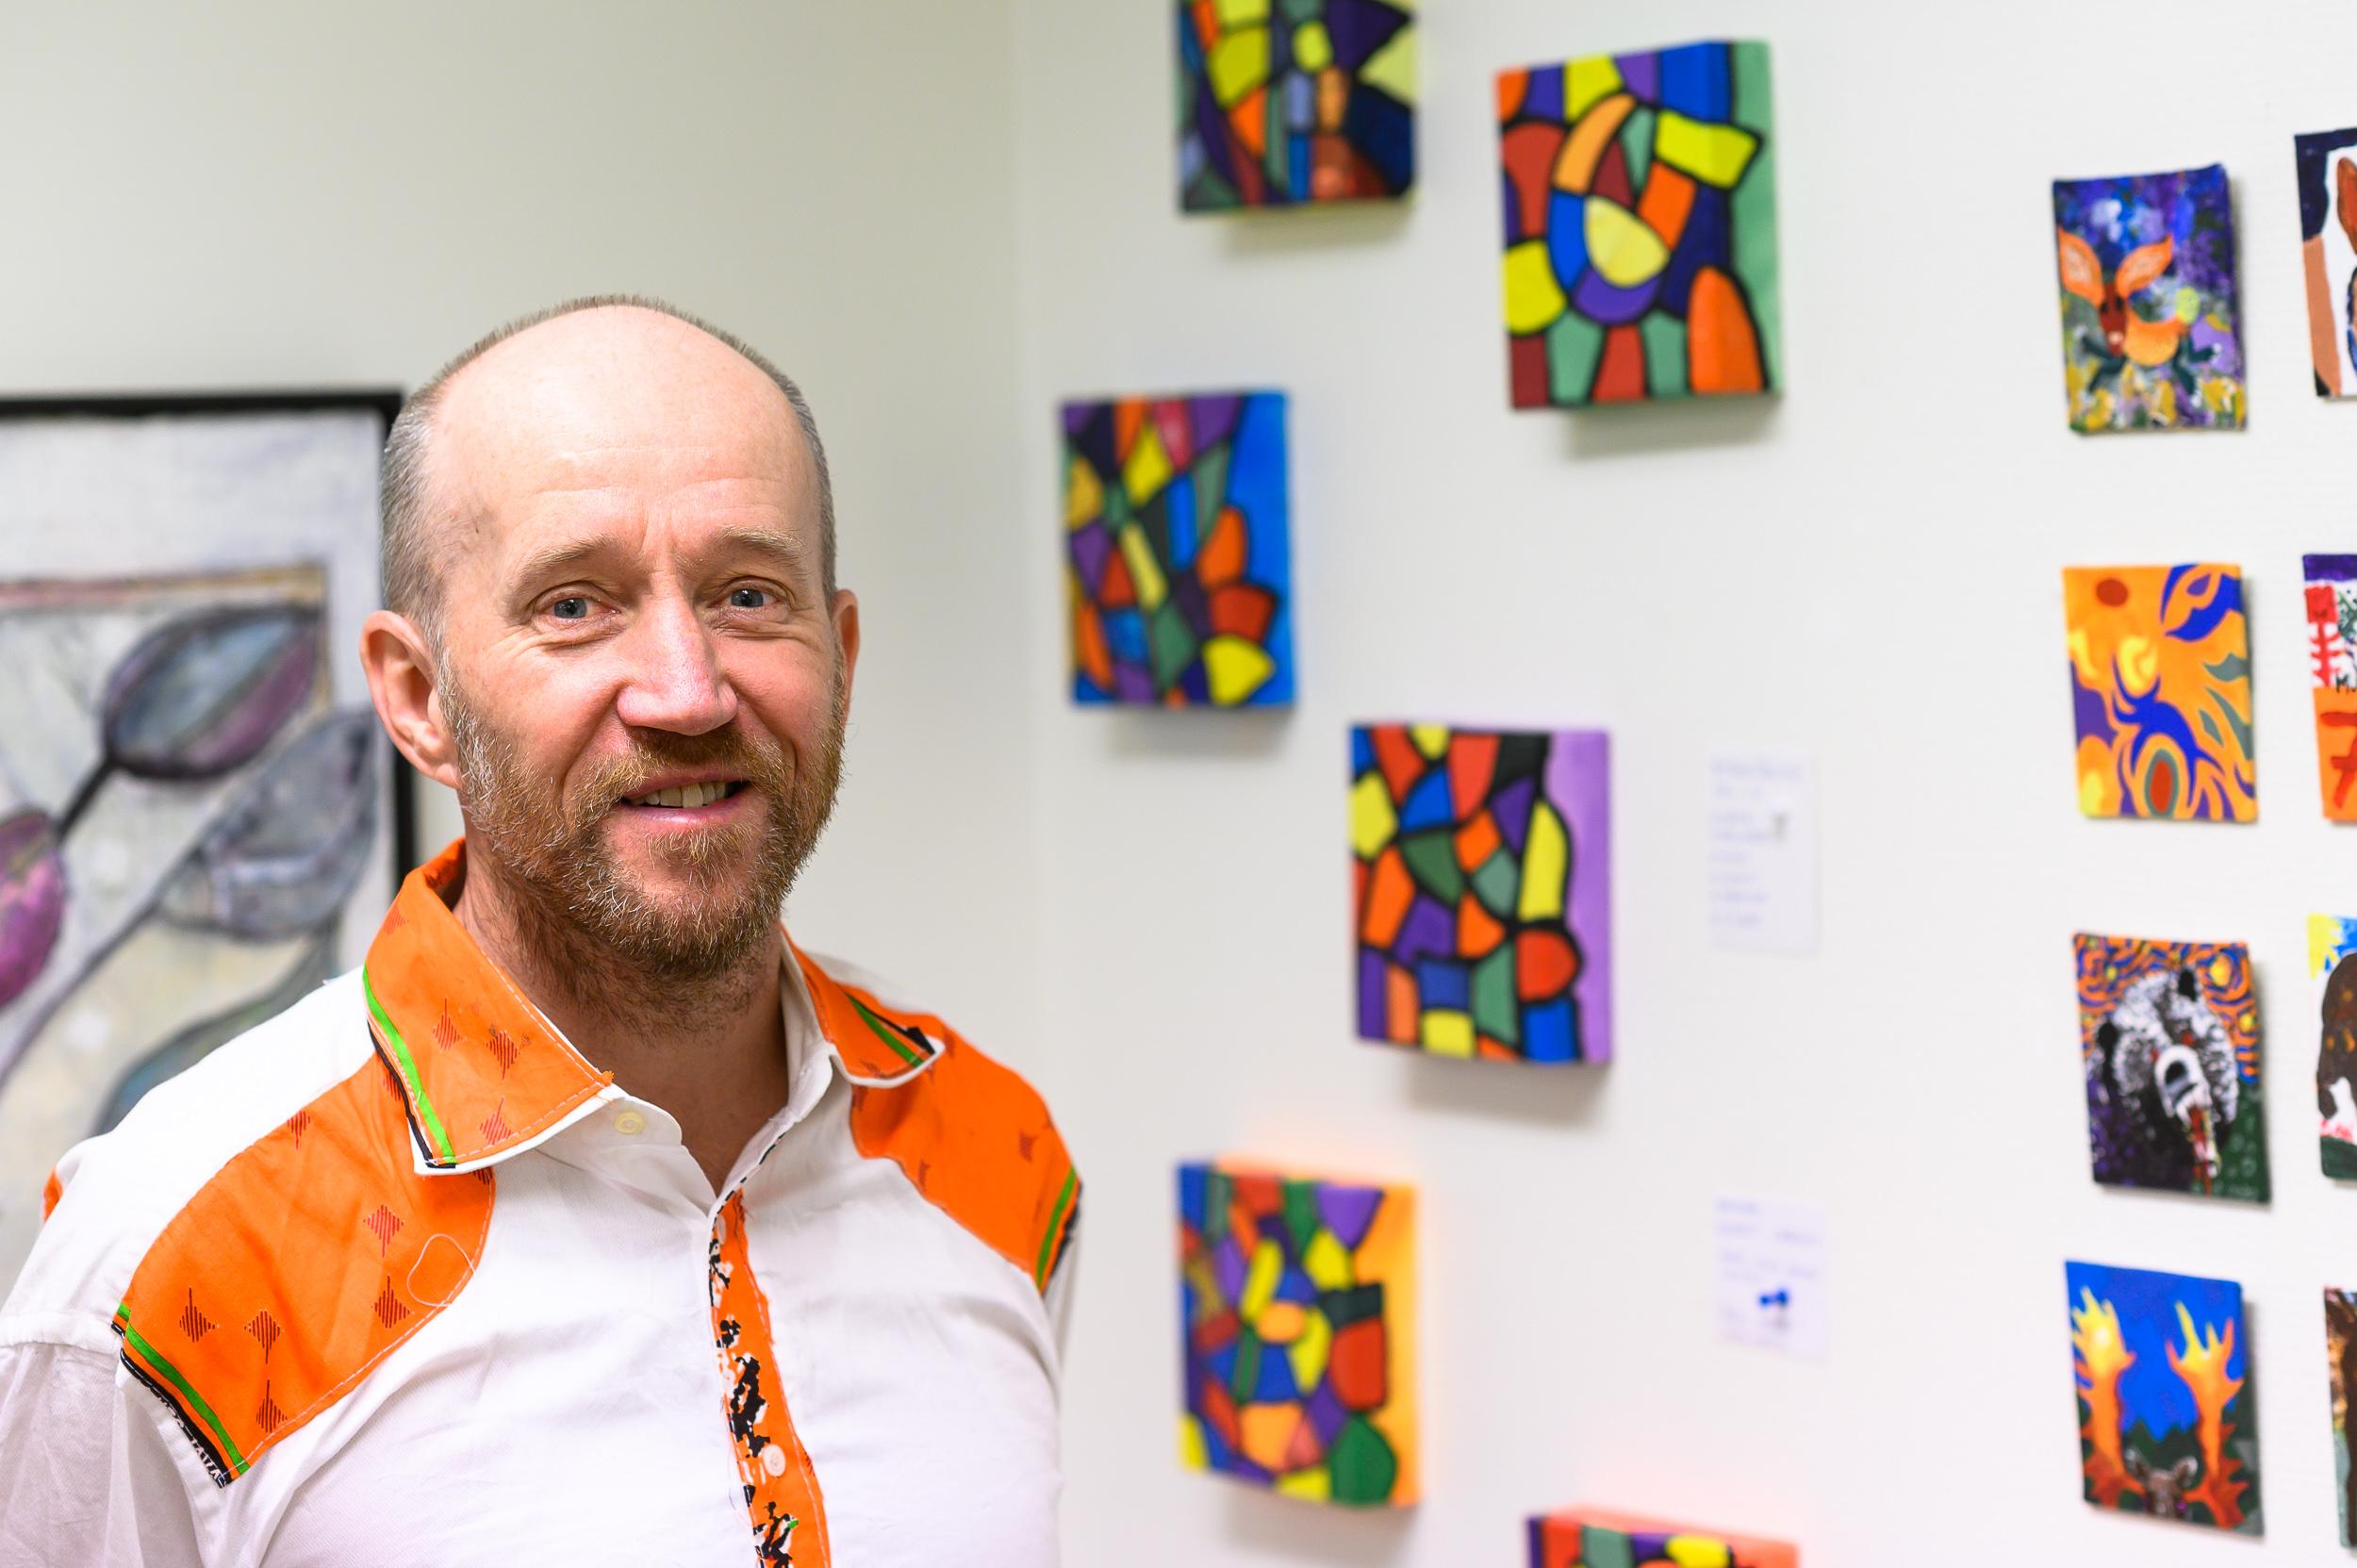 Kennet Lindquist var en av konstnärerna som ställde ut i Arvidsjaur.